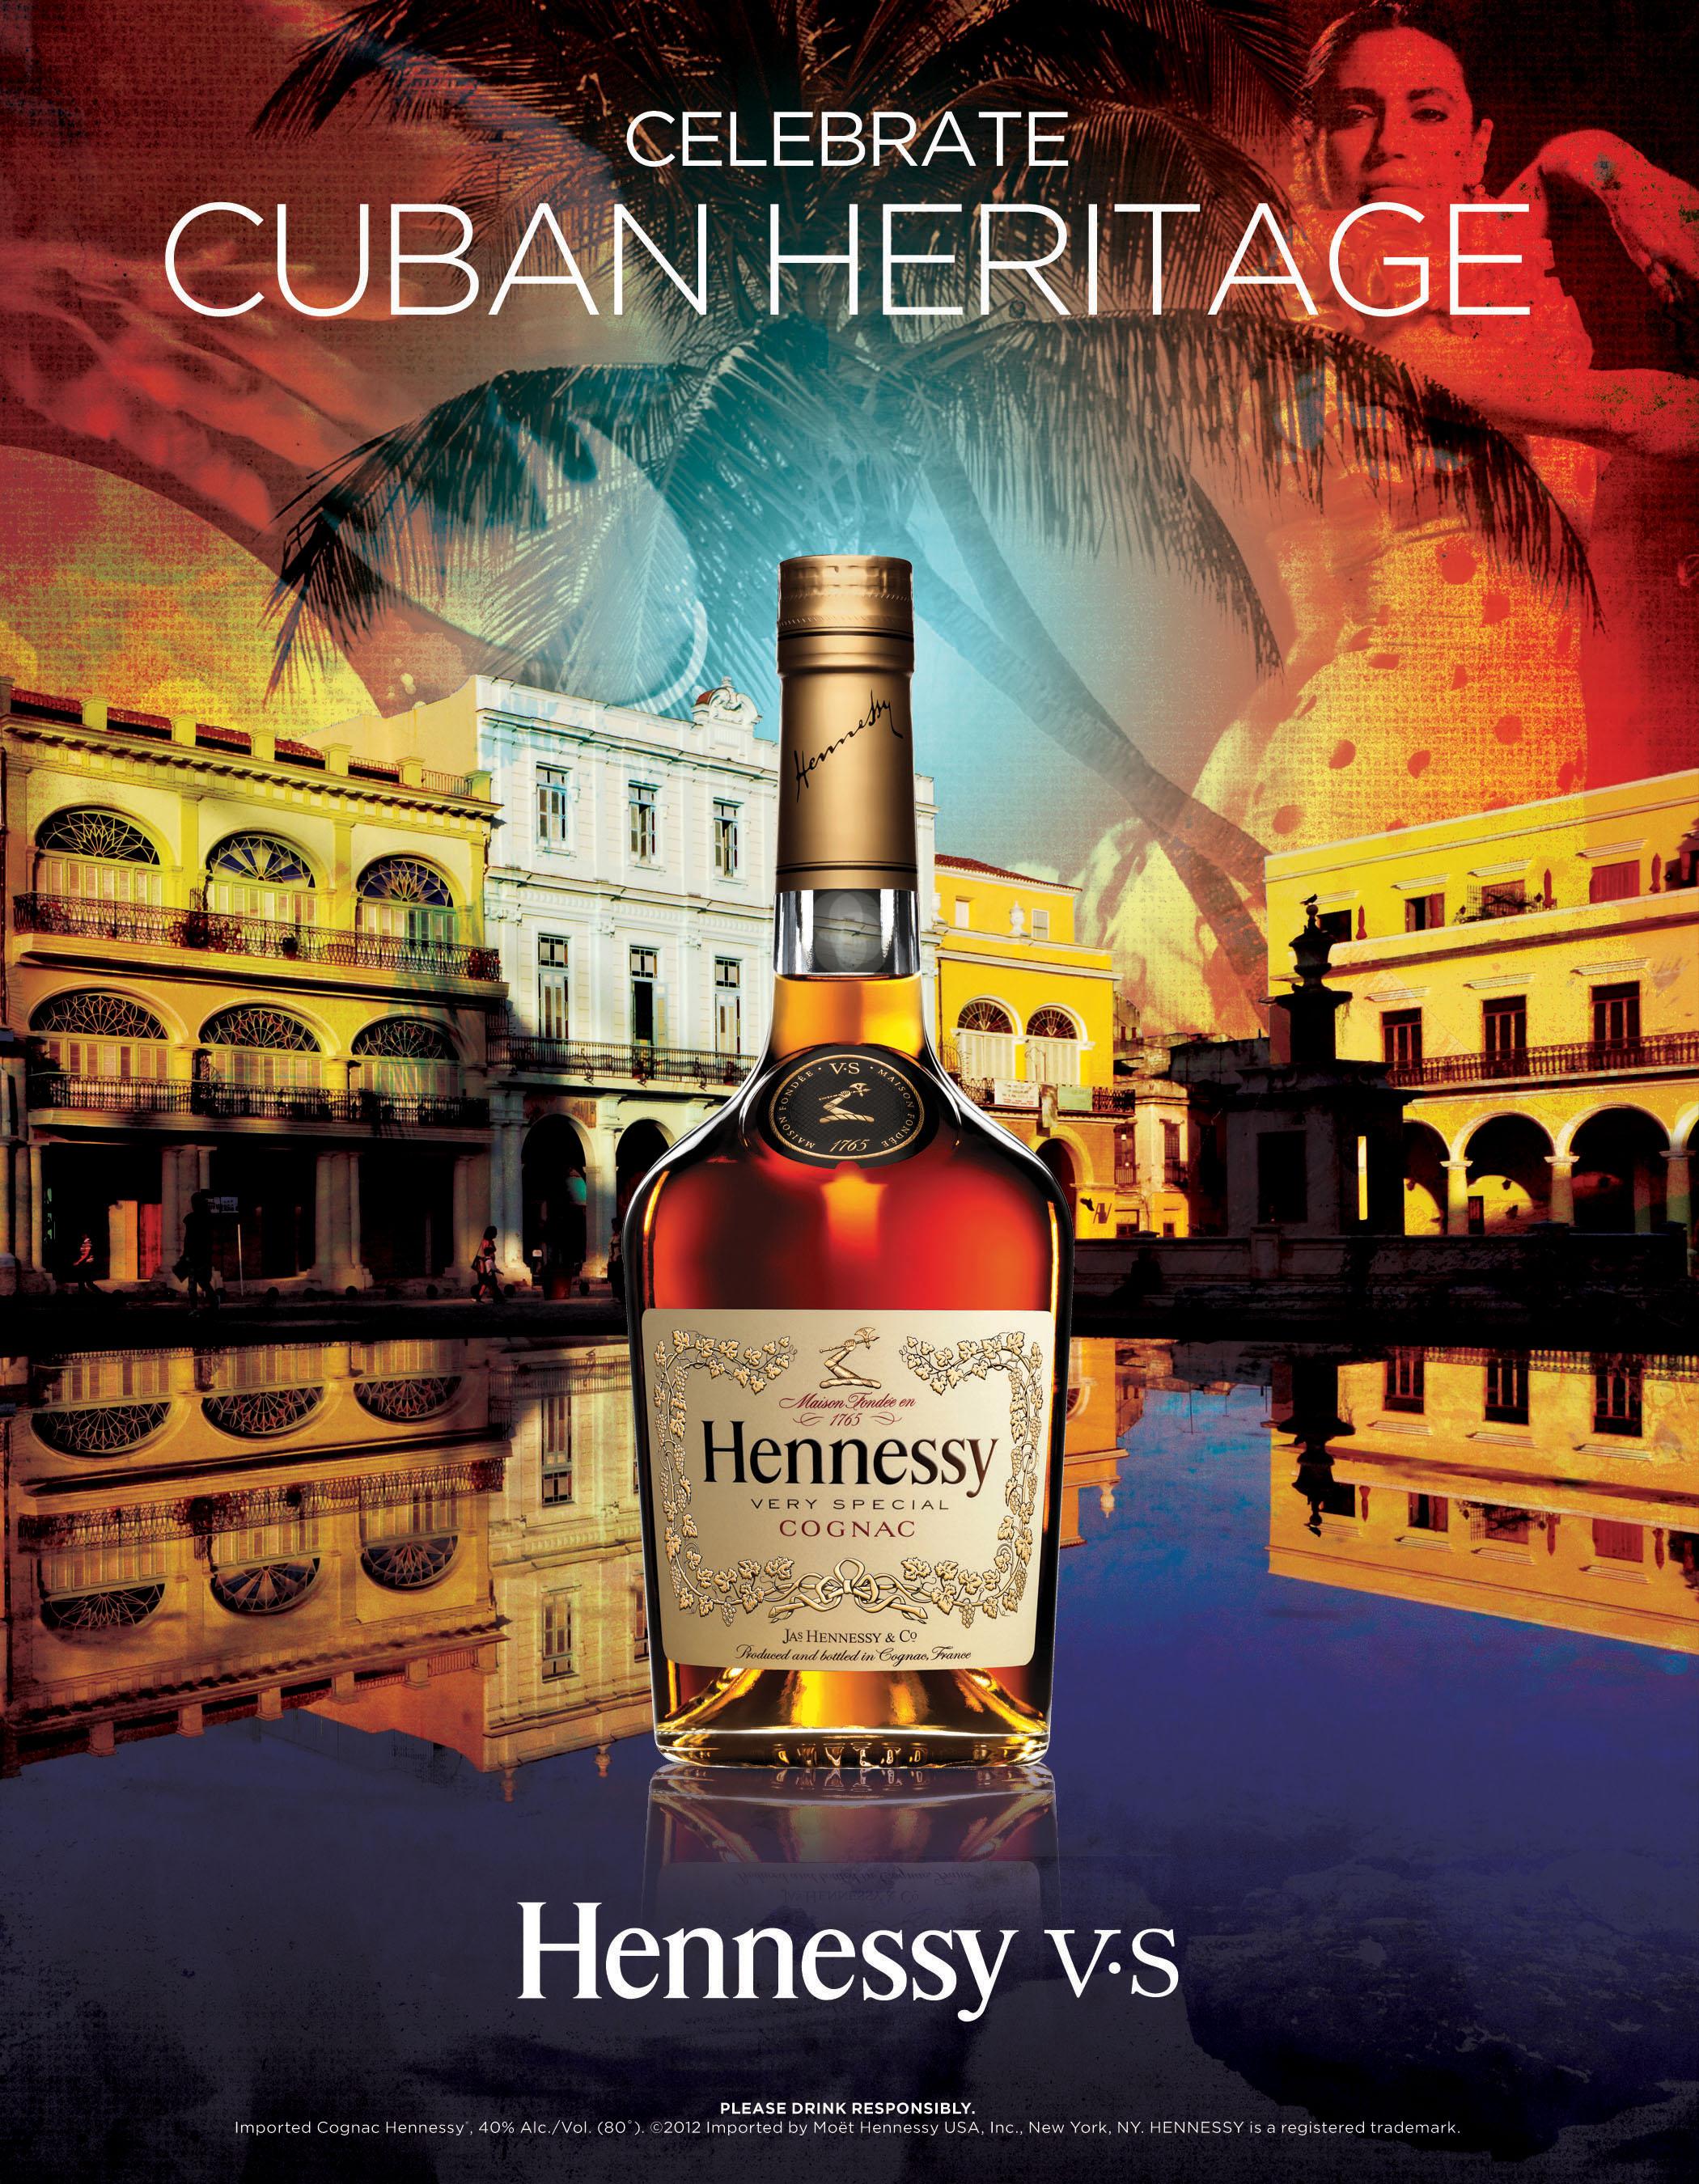 Cuban Heritage